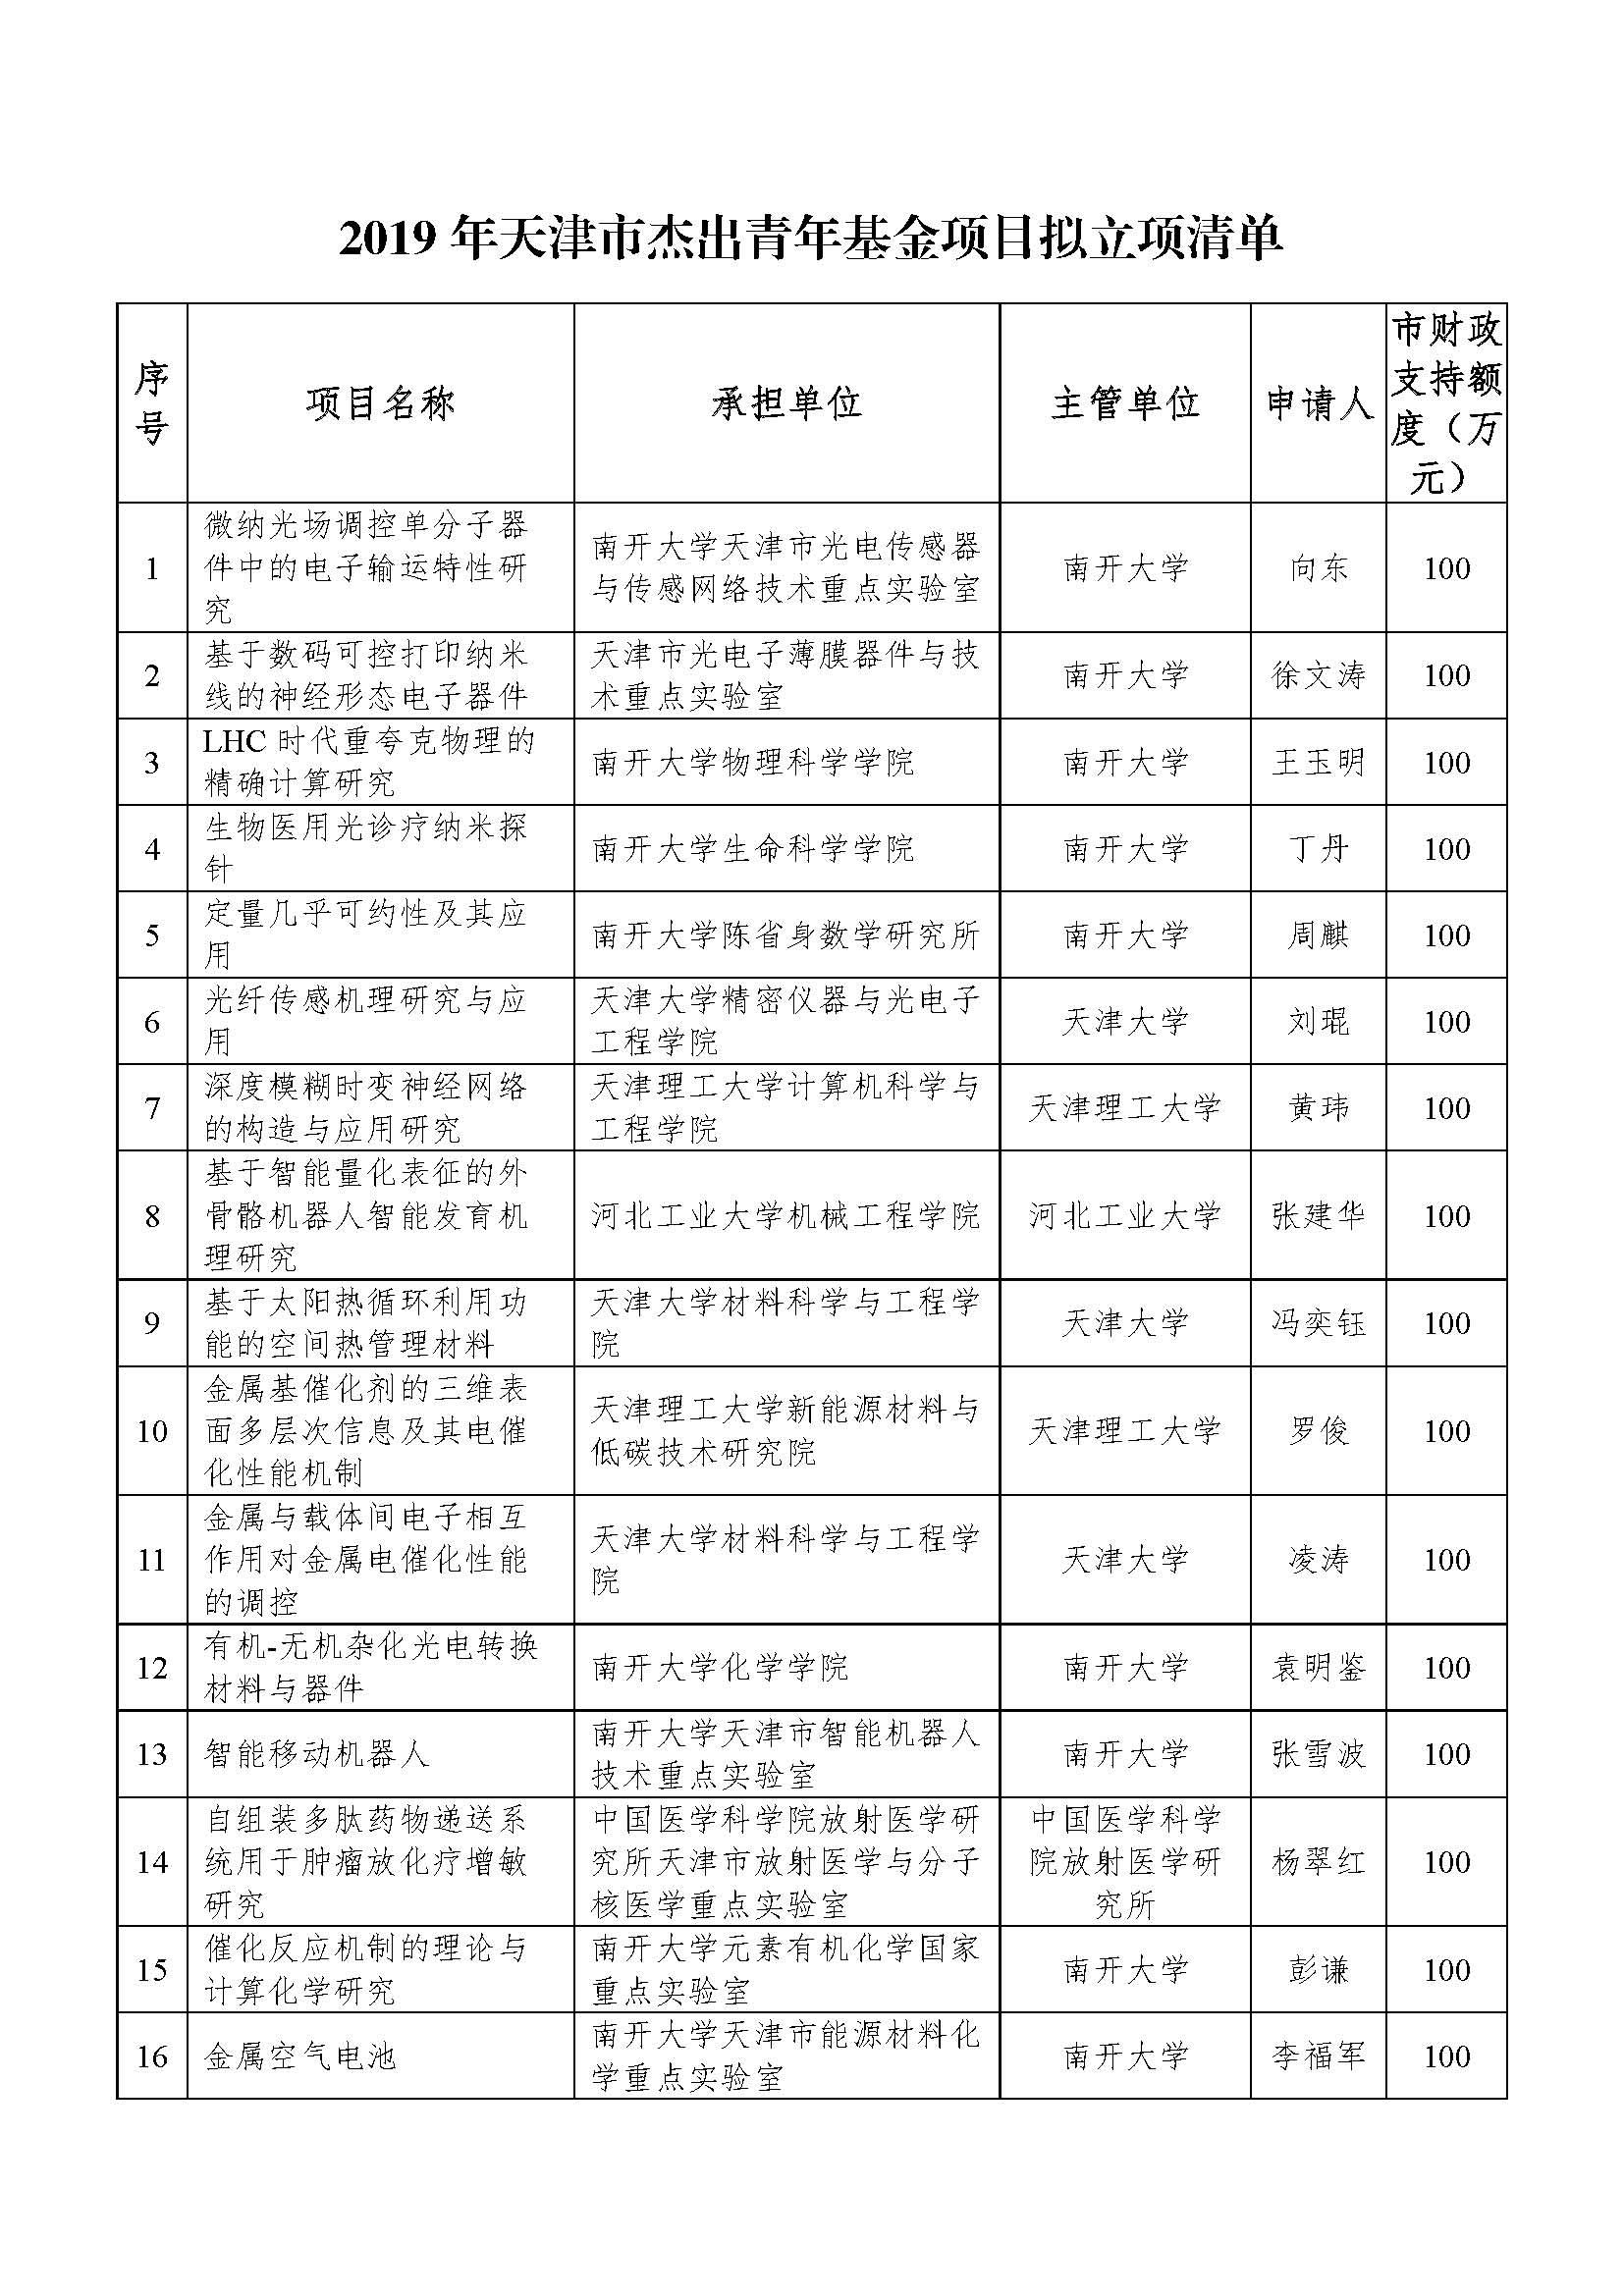 2019年天津市杰出青年基金项目拟立项清单_页面_1.jpg